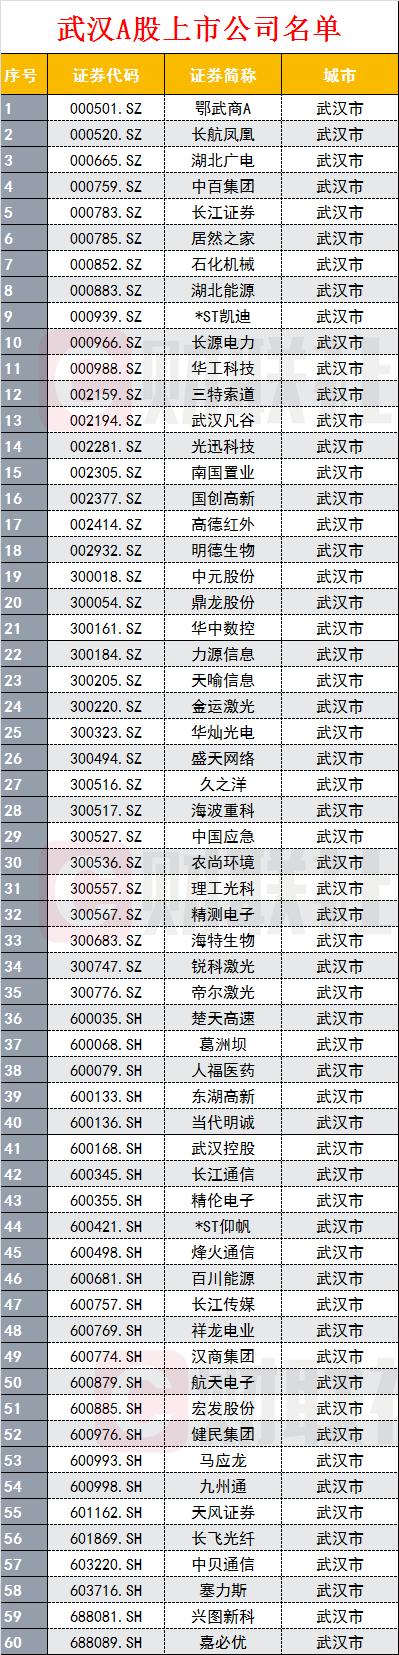 武汉A股上市公司全名单:葛洲坝等60家在列